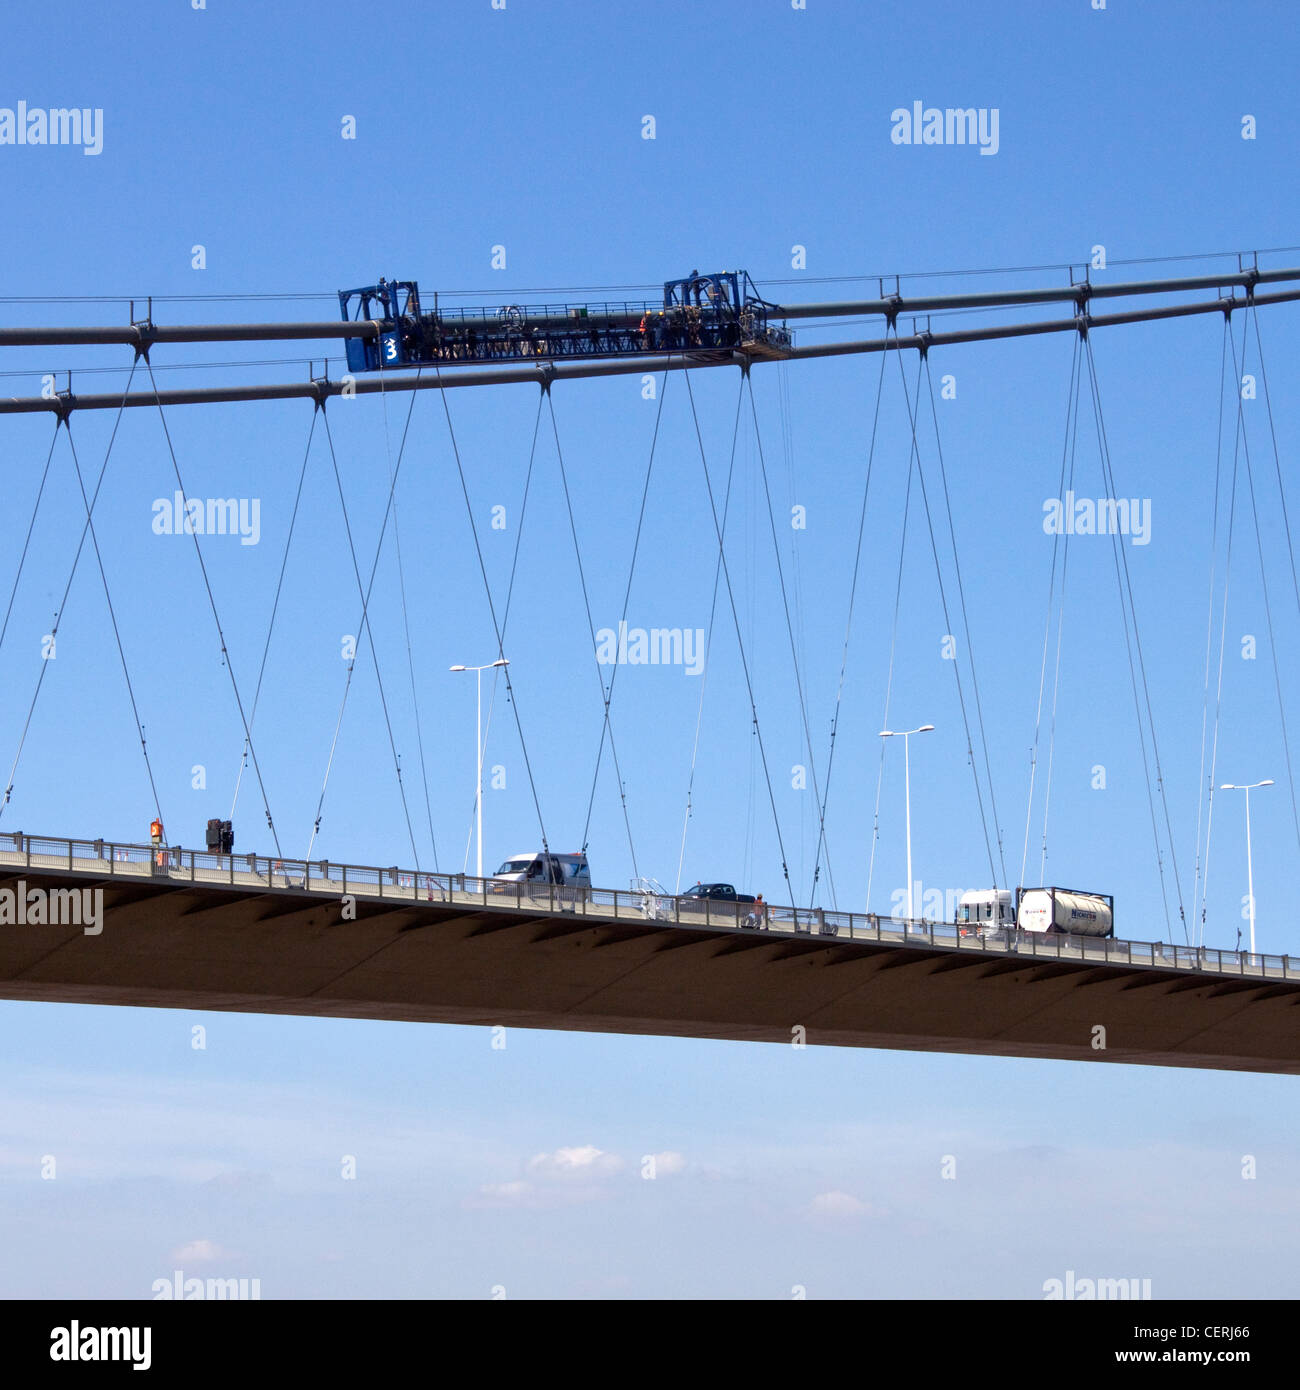 Cuna de inspección suspensión Puente Humber UK Imagen De Stock